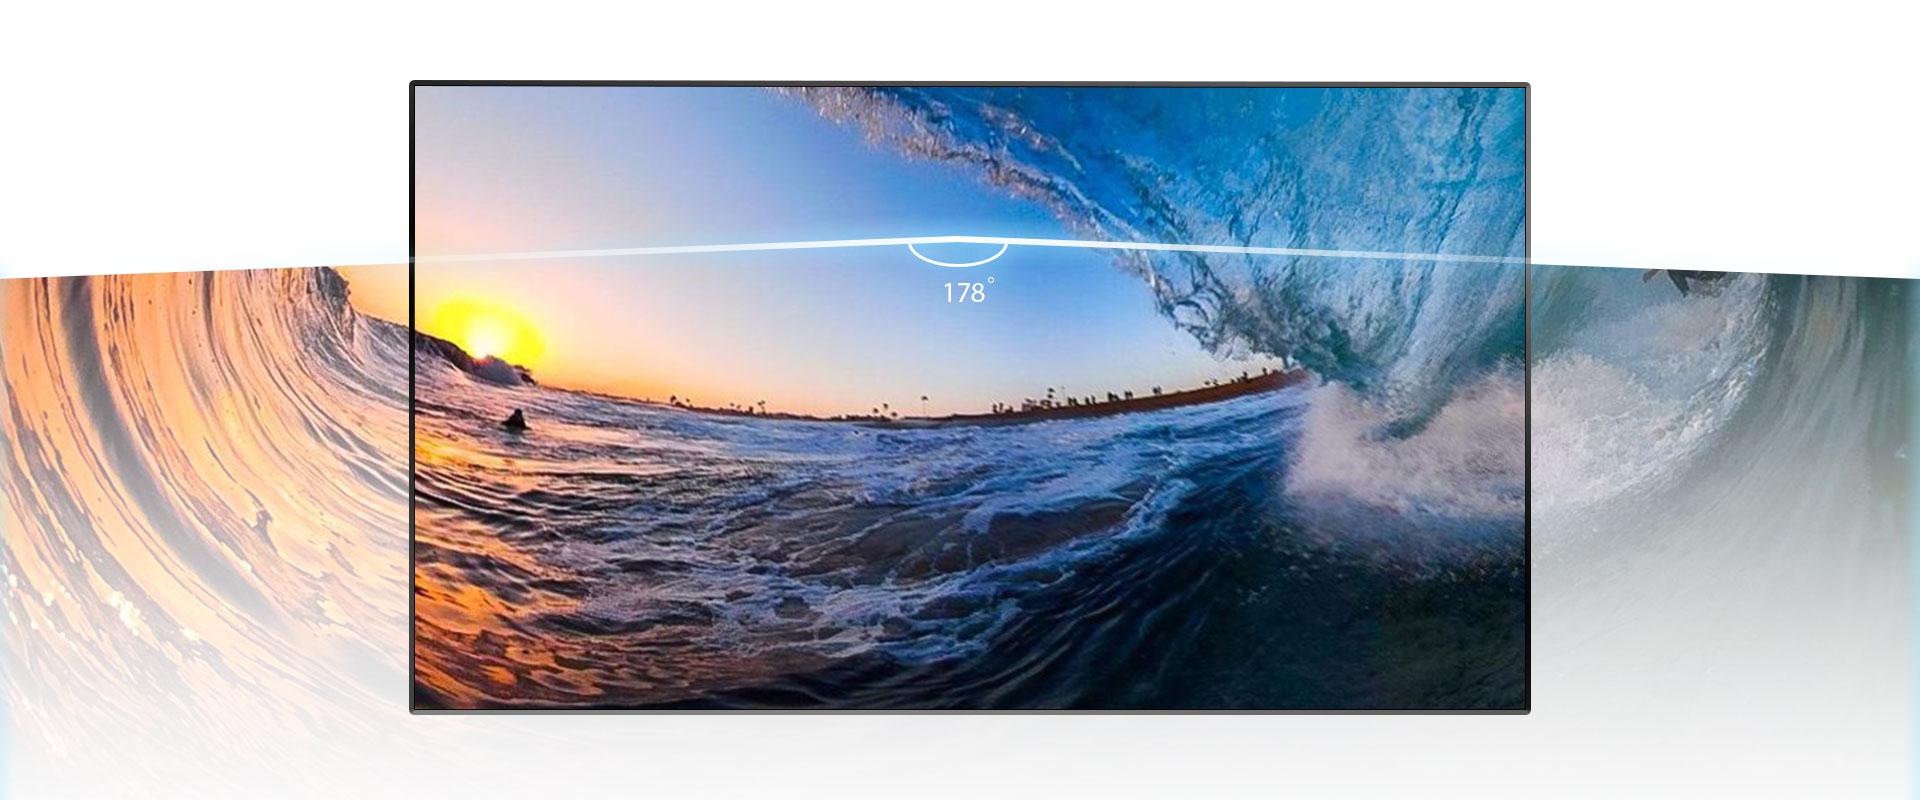 TCL LED Smart TV Wide Angle